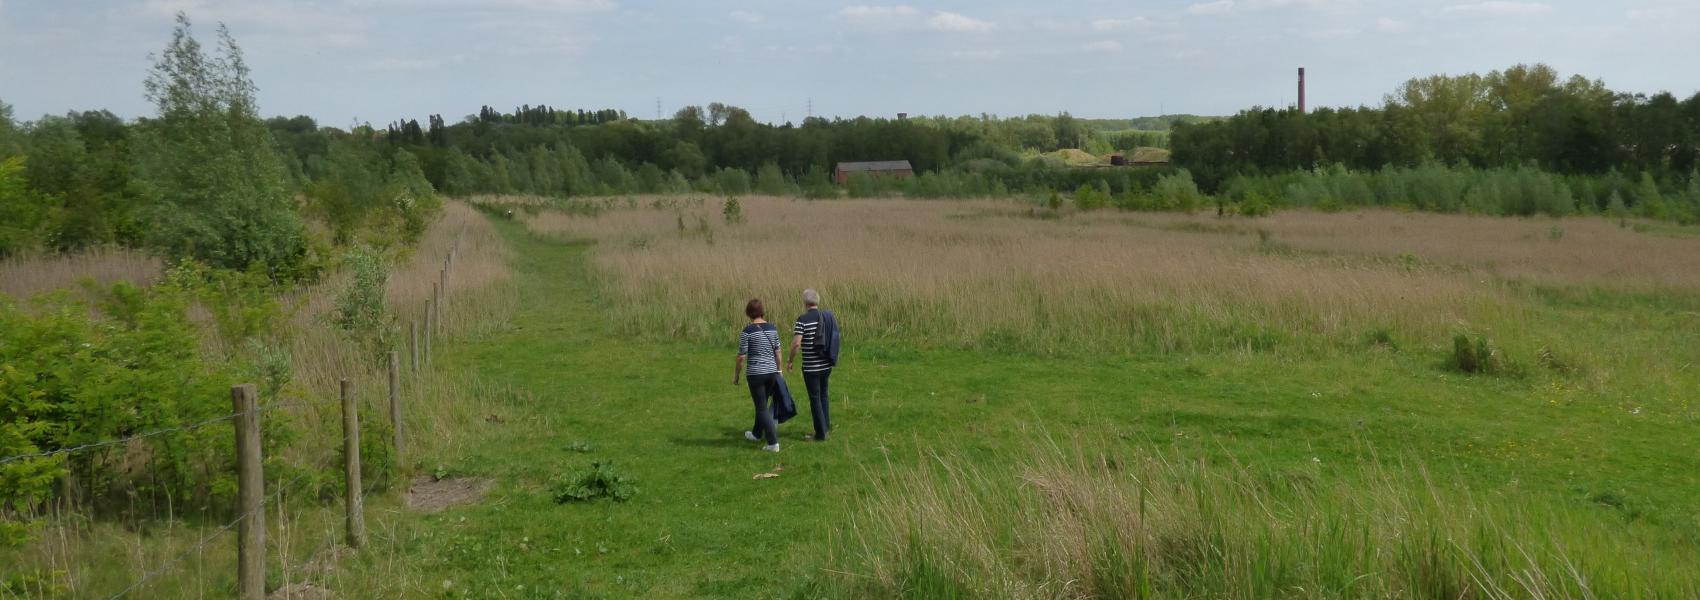 wandelaars in het natuurgebied